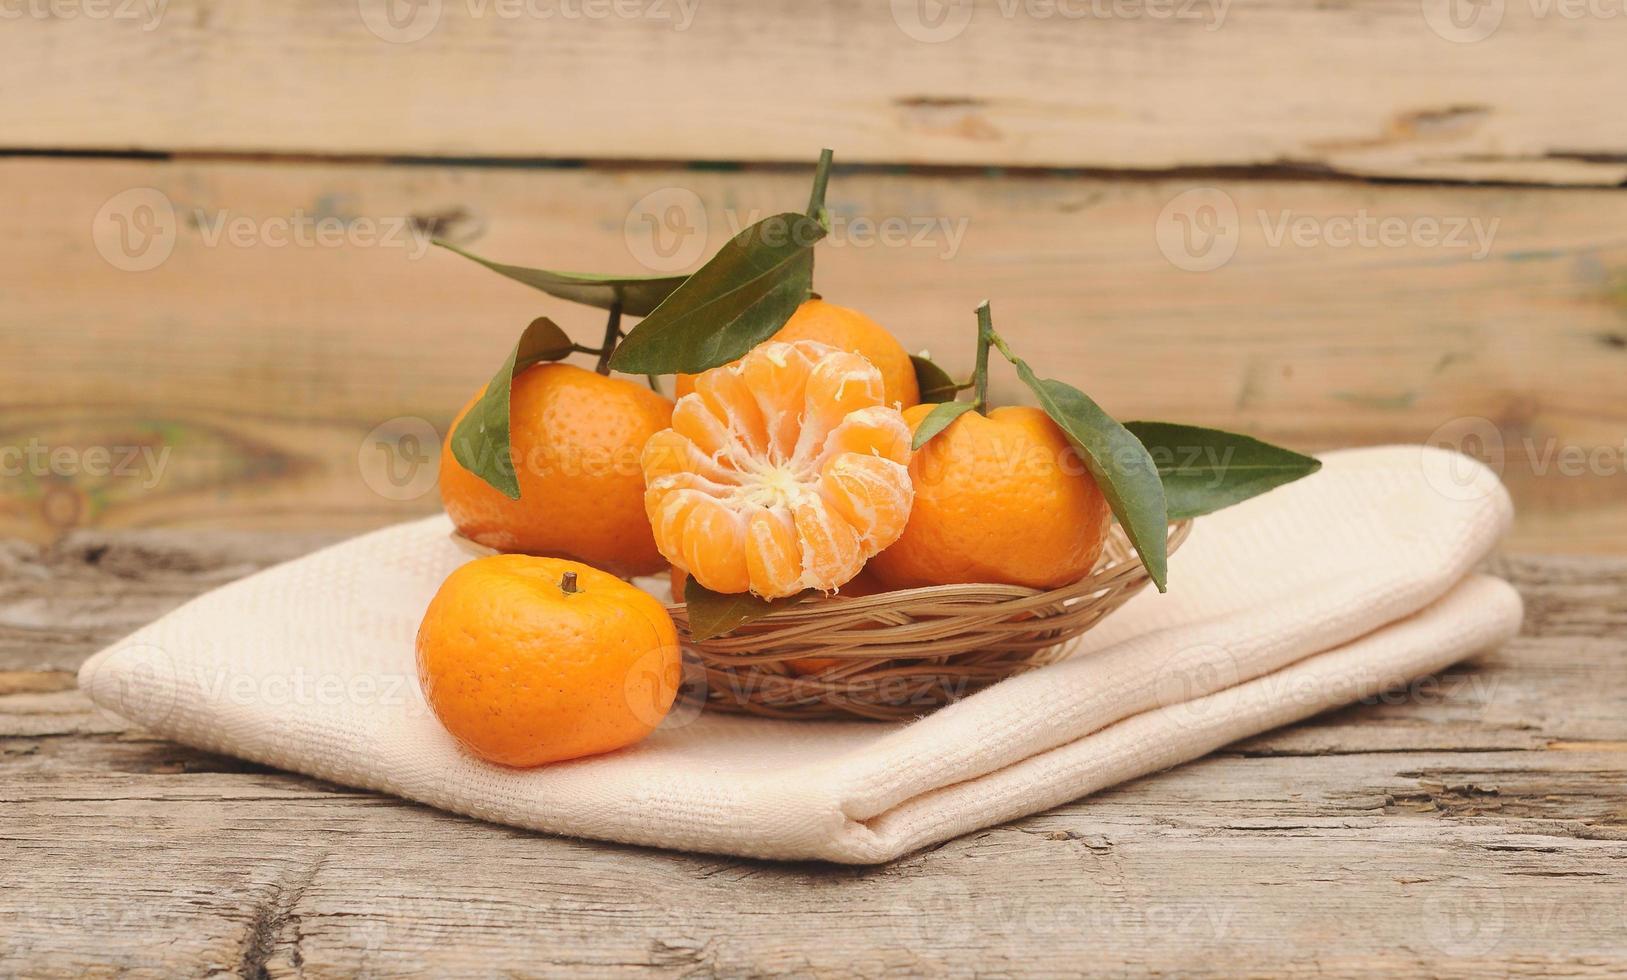 mandarini con foglie in un bel cestino, sul tavolo di legno foto